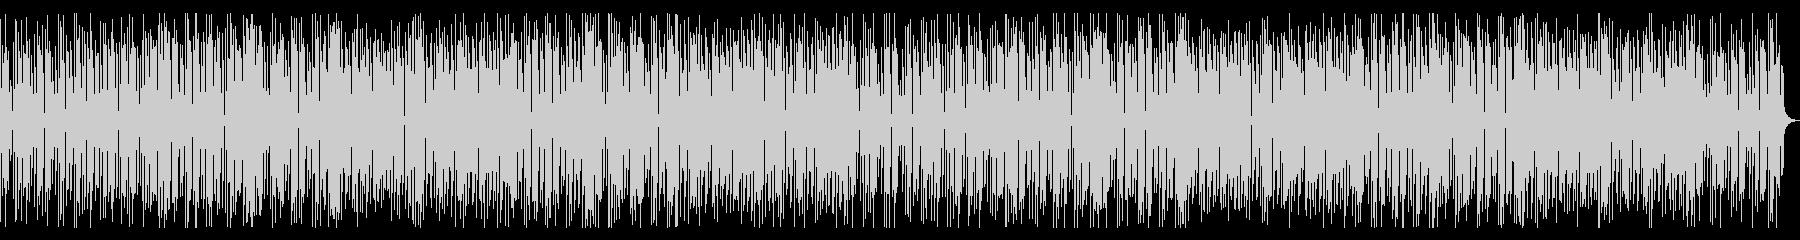 軽快で楽しいレトロゲーム風電子音の未再生の波形